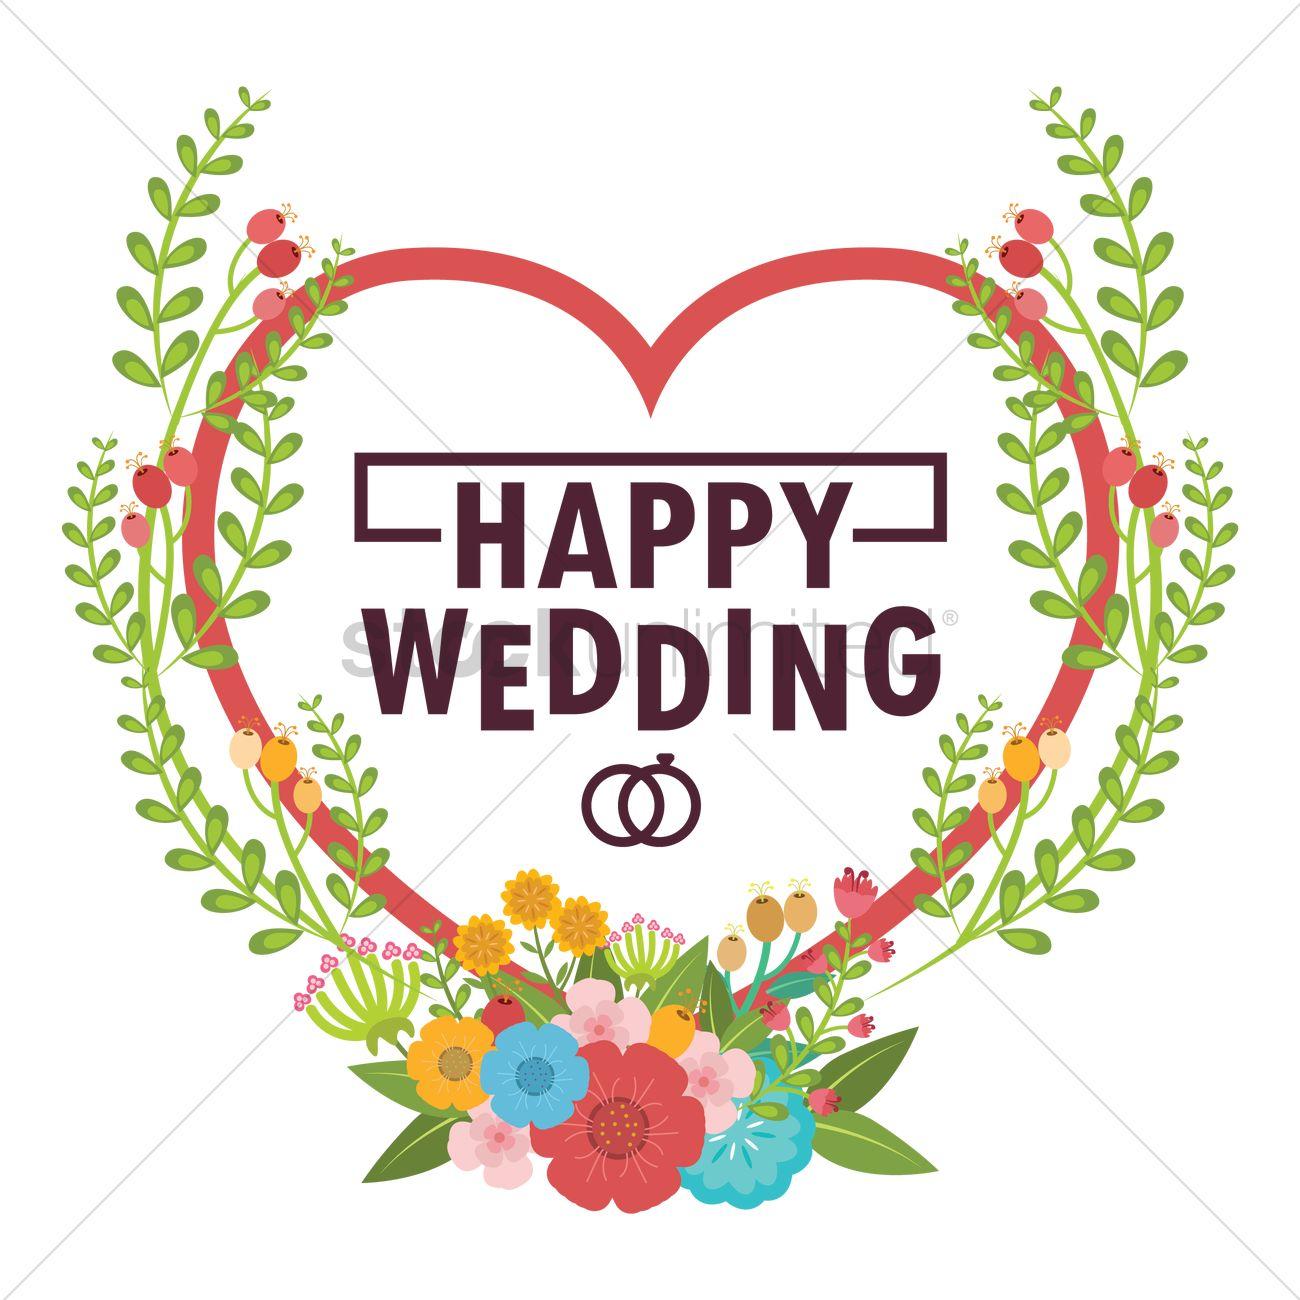 Happy wedding Vector Image.